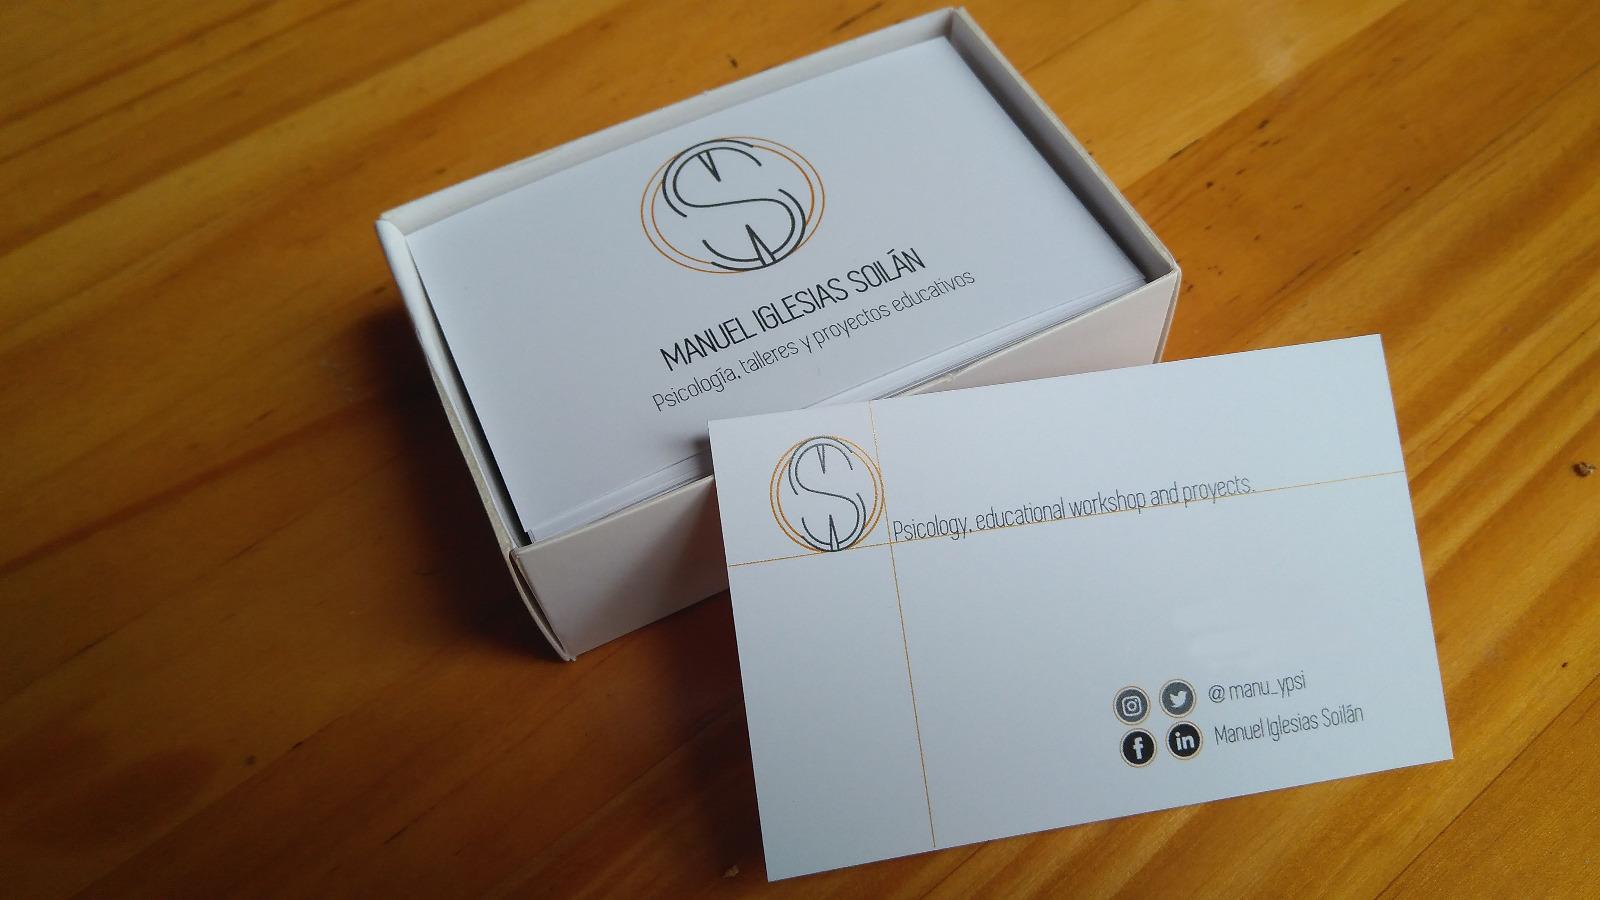 Tarjetas de visita de Manuel Iglesias Soilán con sus redes, e-mail y número de contacto.